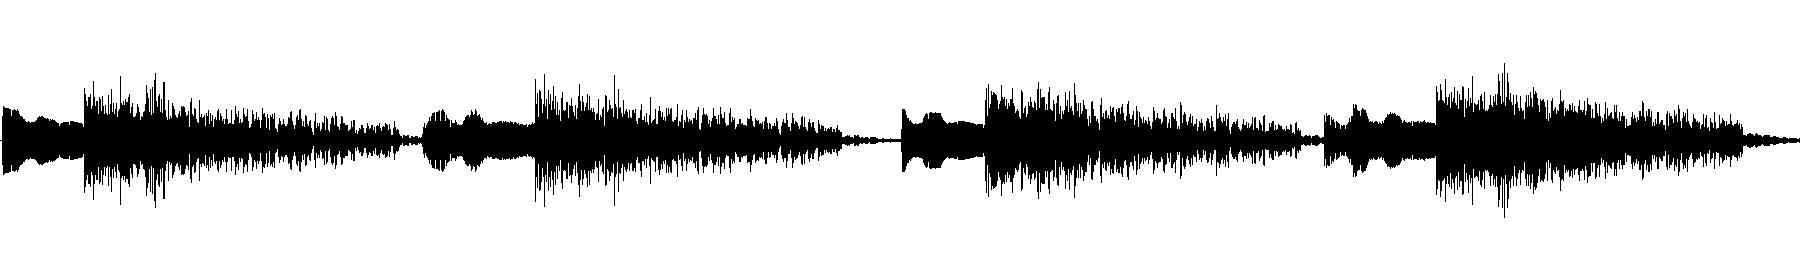 hm 110 gf epiano49